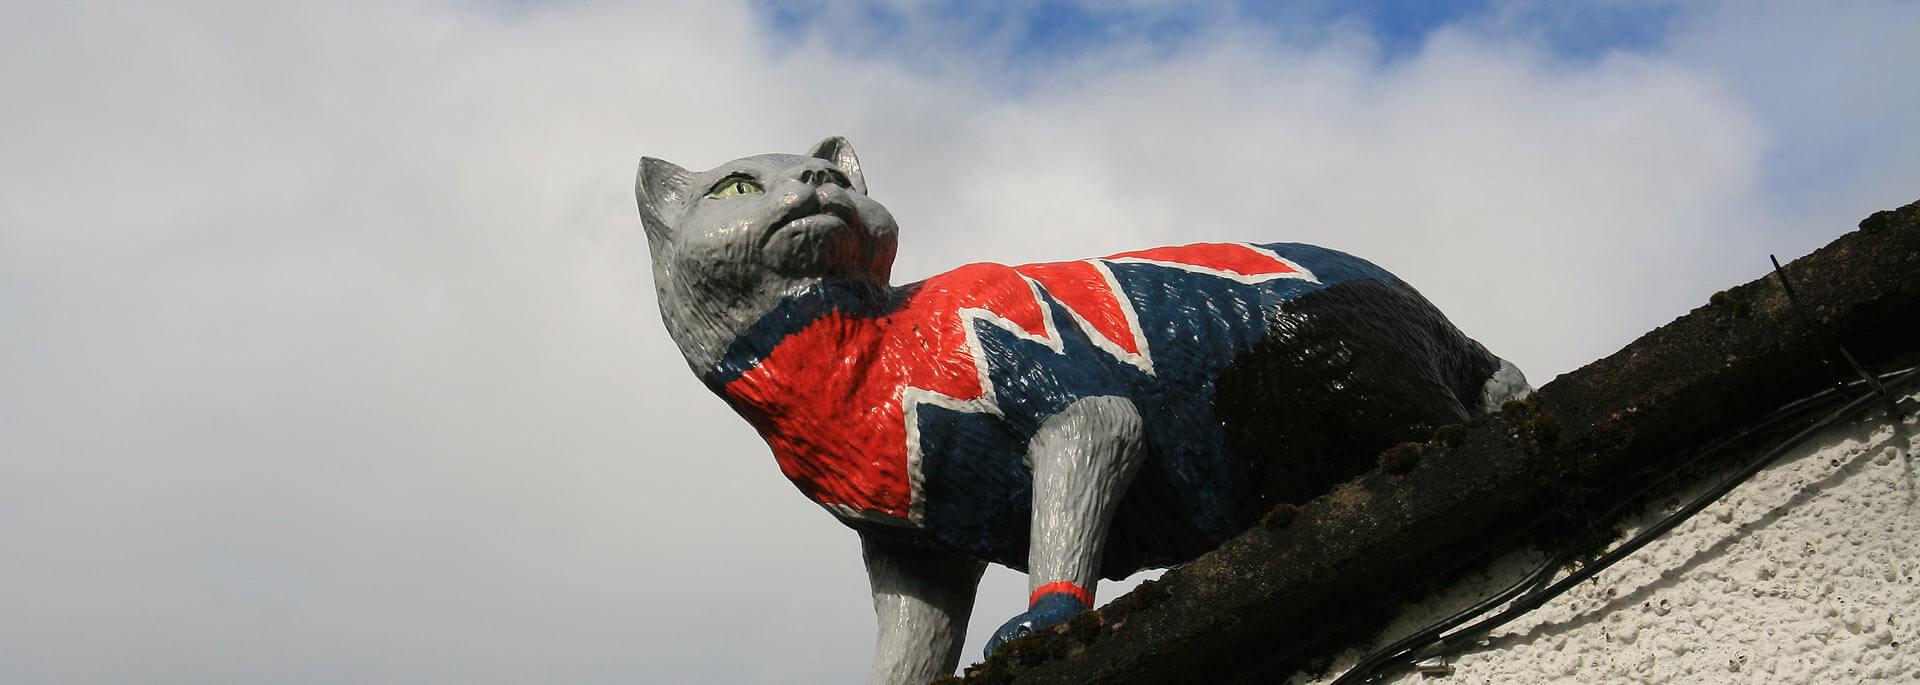 Fotos:  Wildkatzen in Schottland